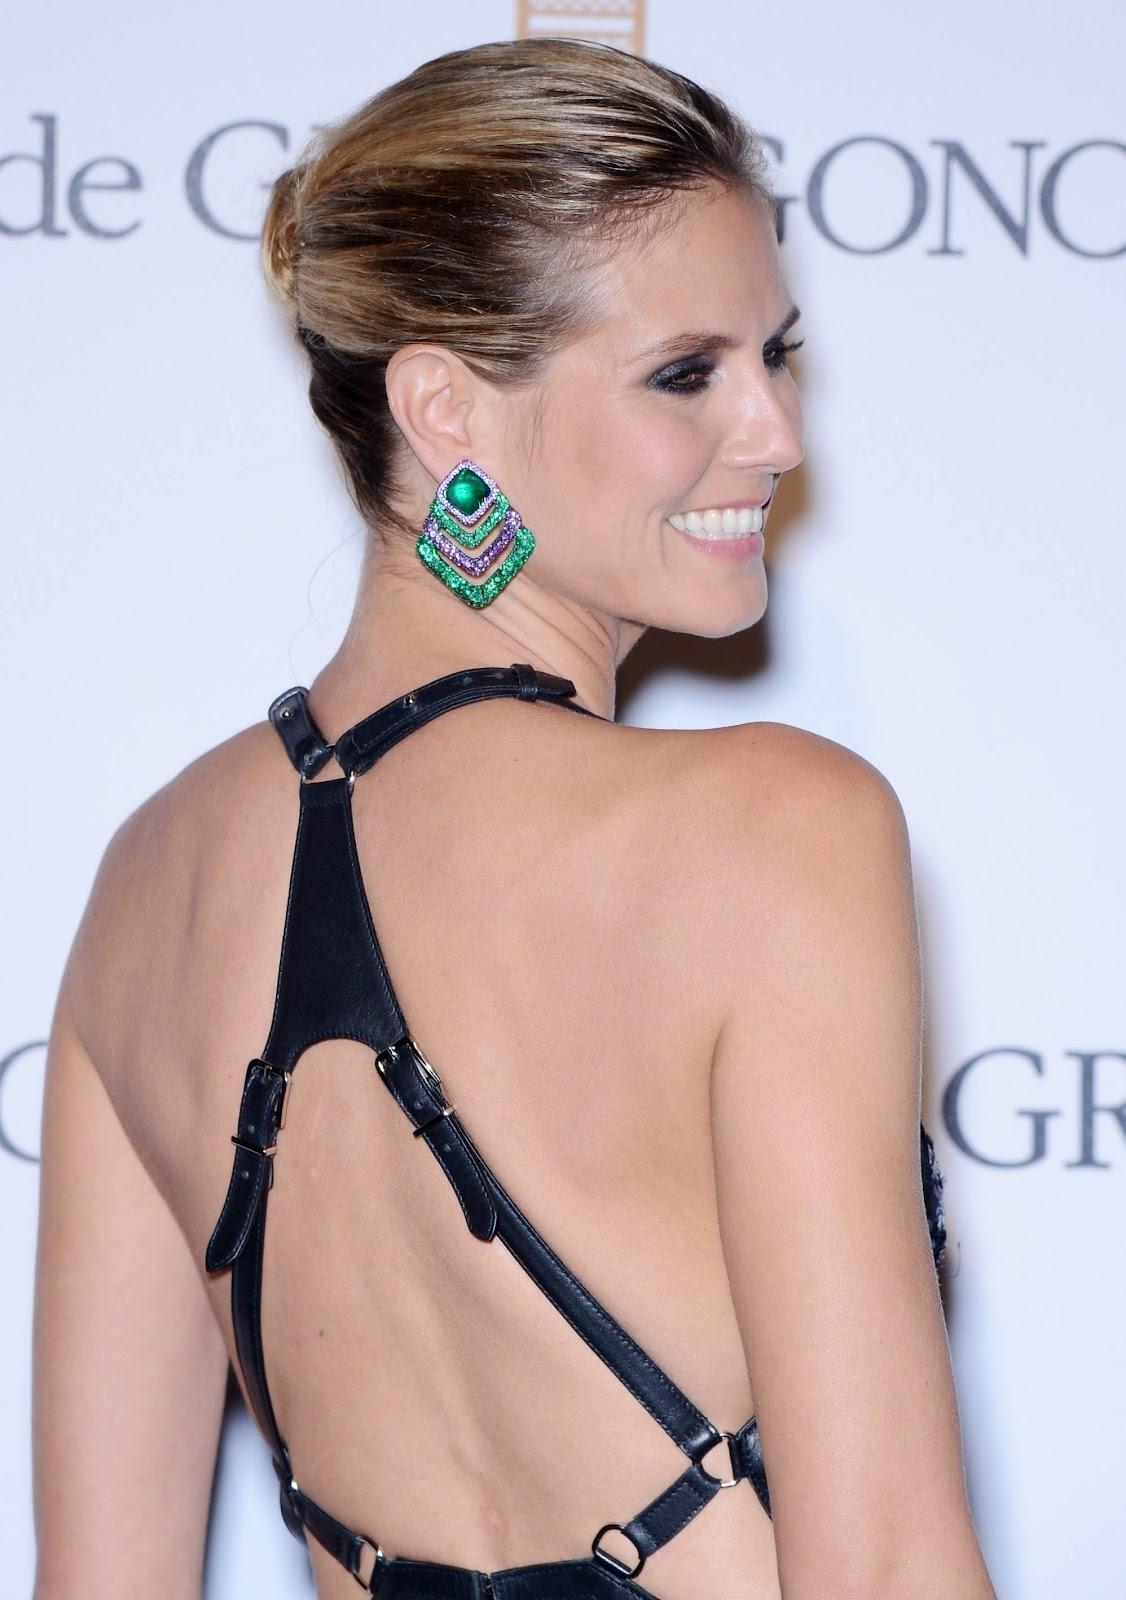 http://1.bp.blogspot.com/-UXJL6KUSiEQ/T9gQhw7xcvI/AAAAAAAAETc/9XOVLO-FAqI/s1600/la-modella-mafia-best-dressed-fashion-at-Cannes-2012-Film-Festival-Heidi-Klum-3.jpg